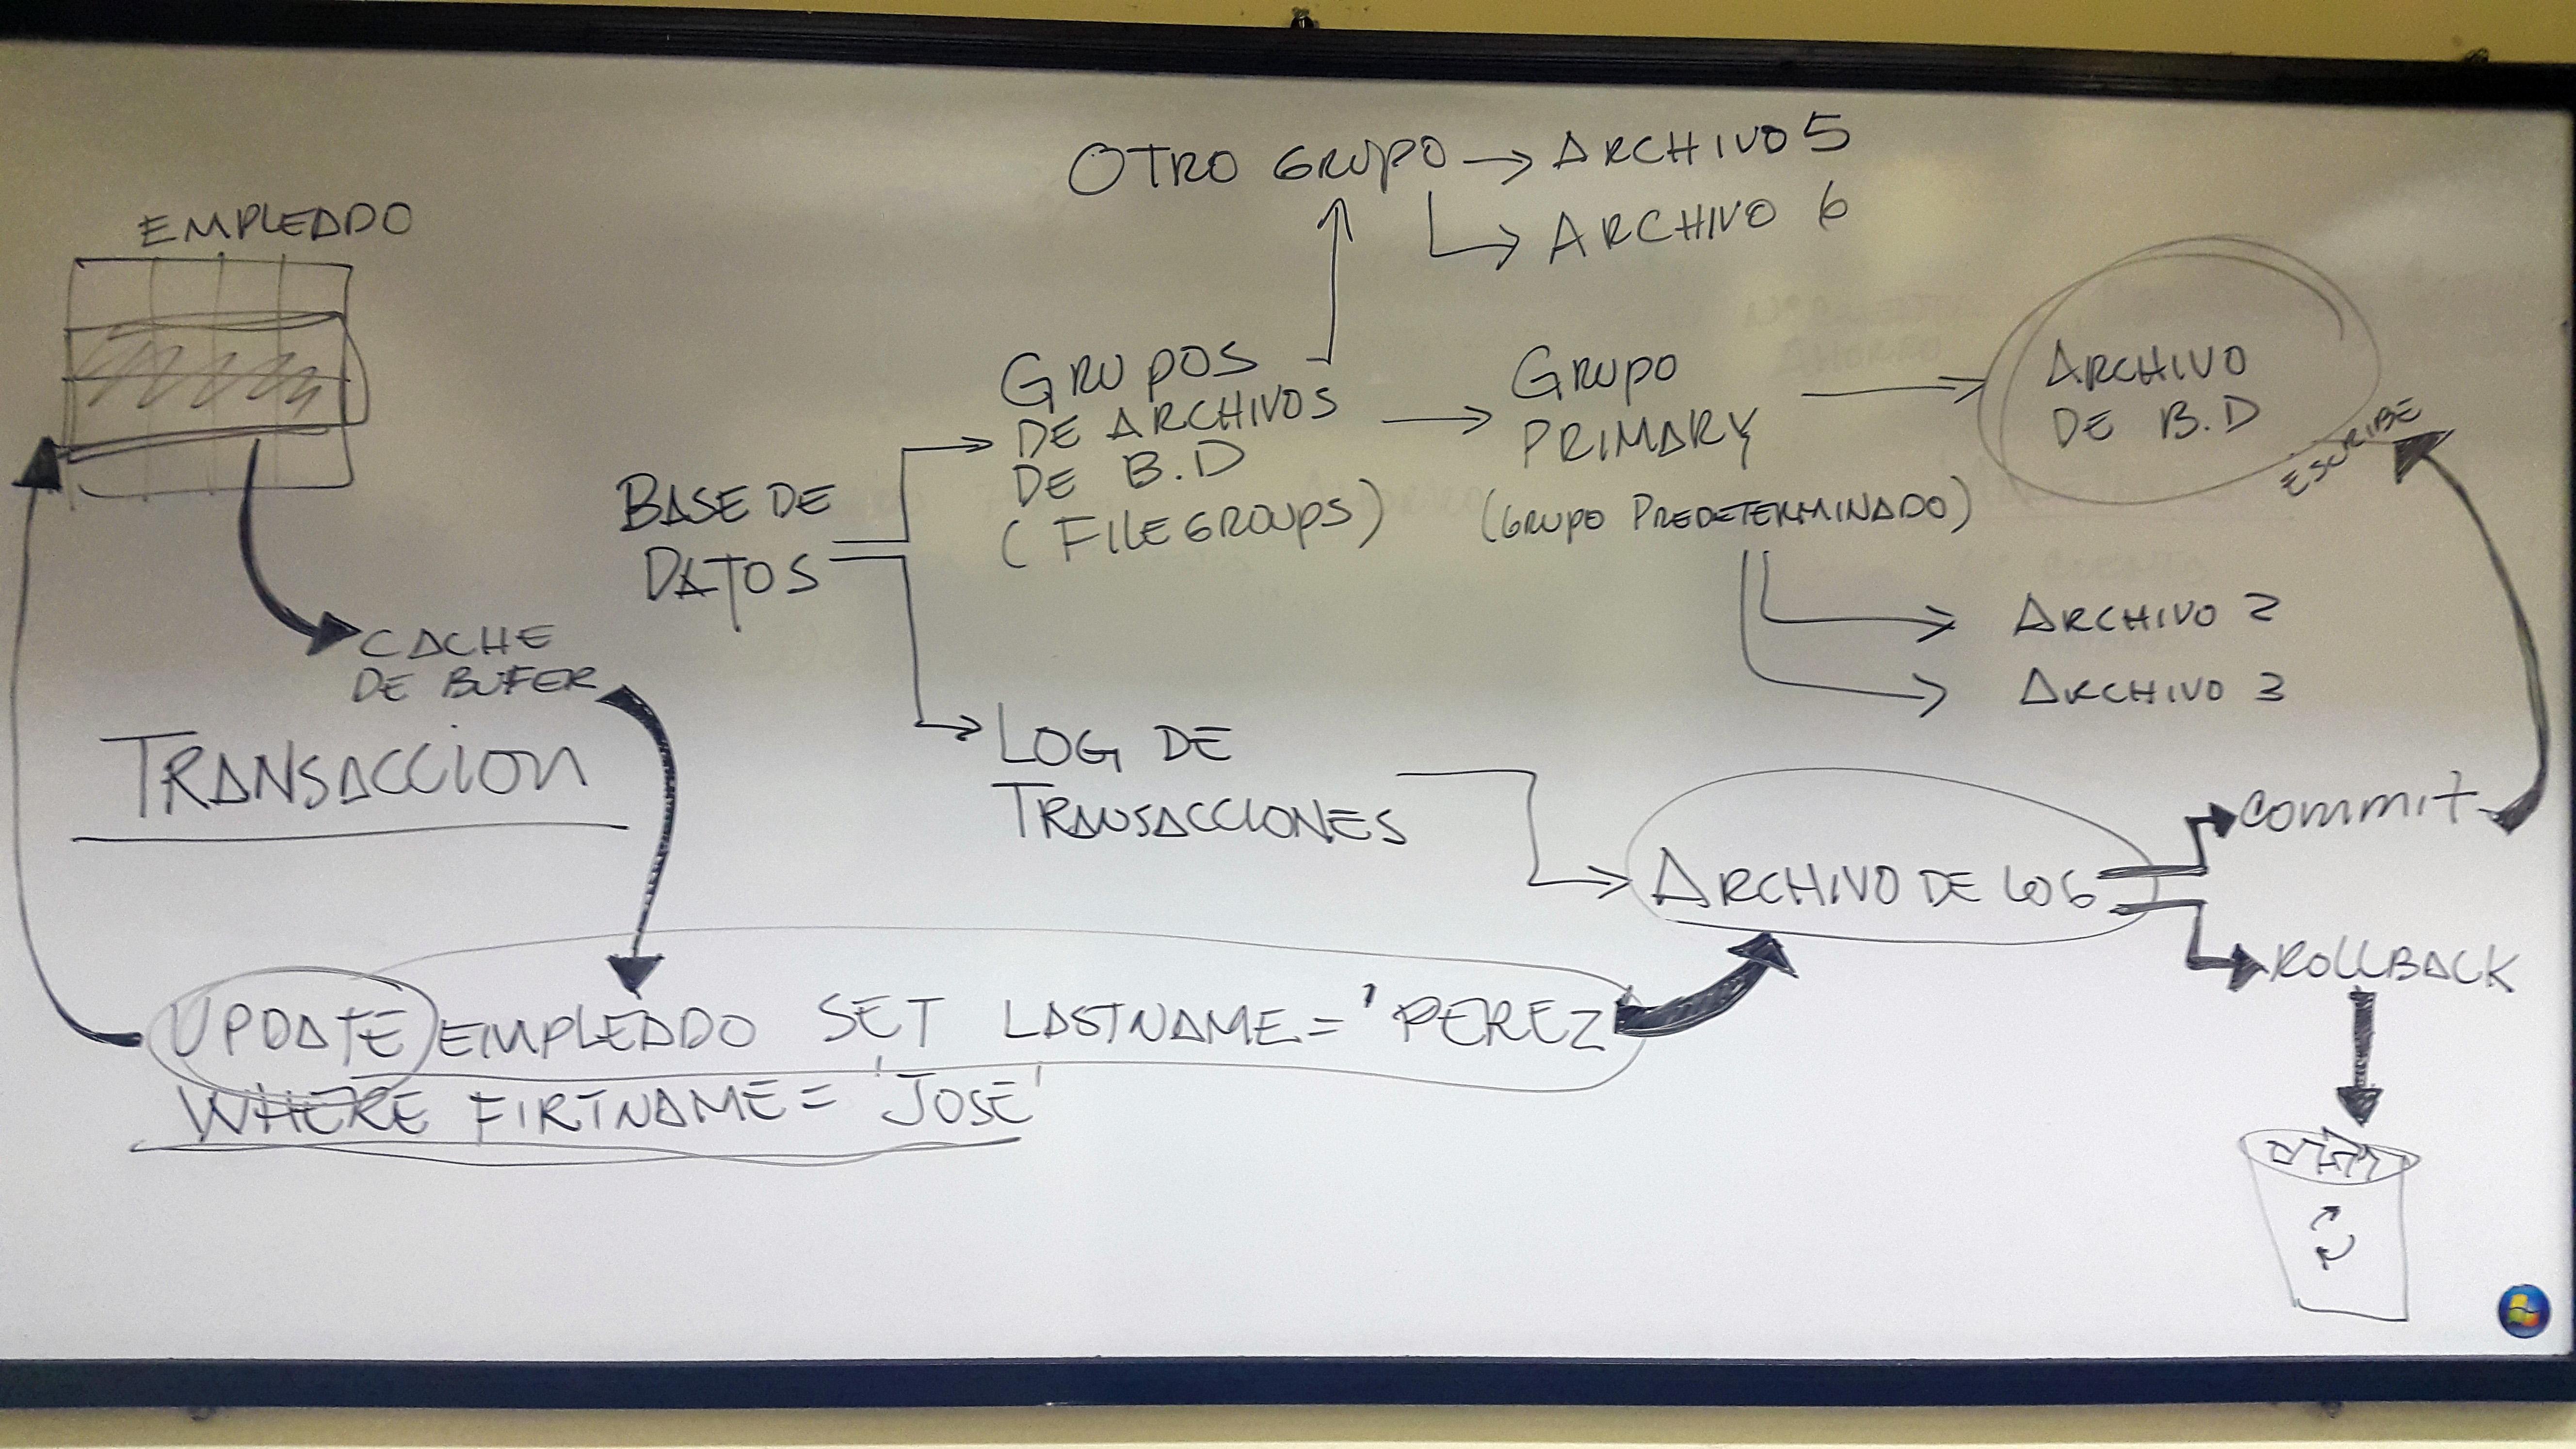 Restricciones en SQL